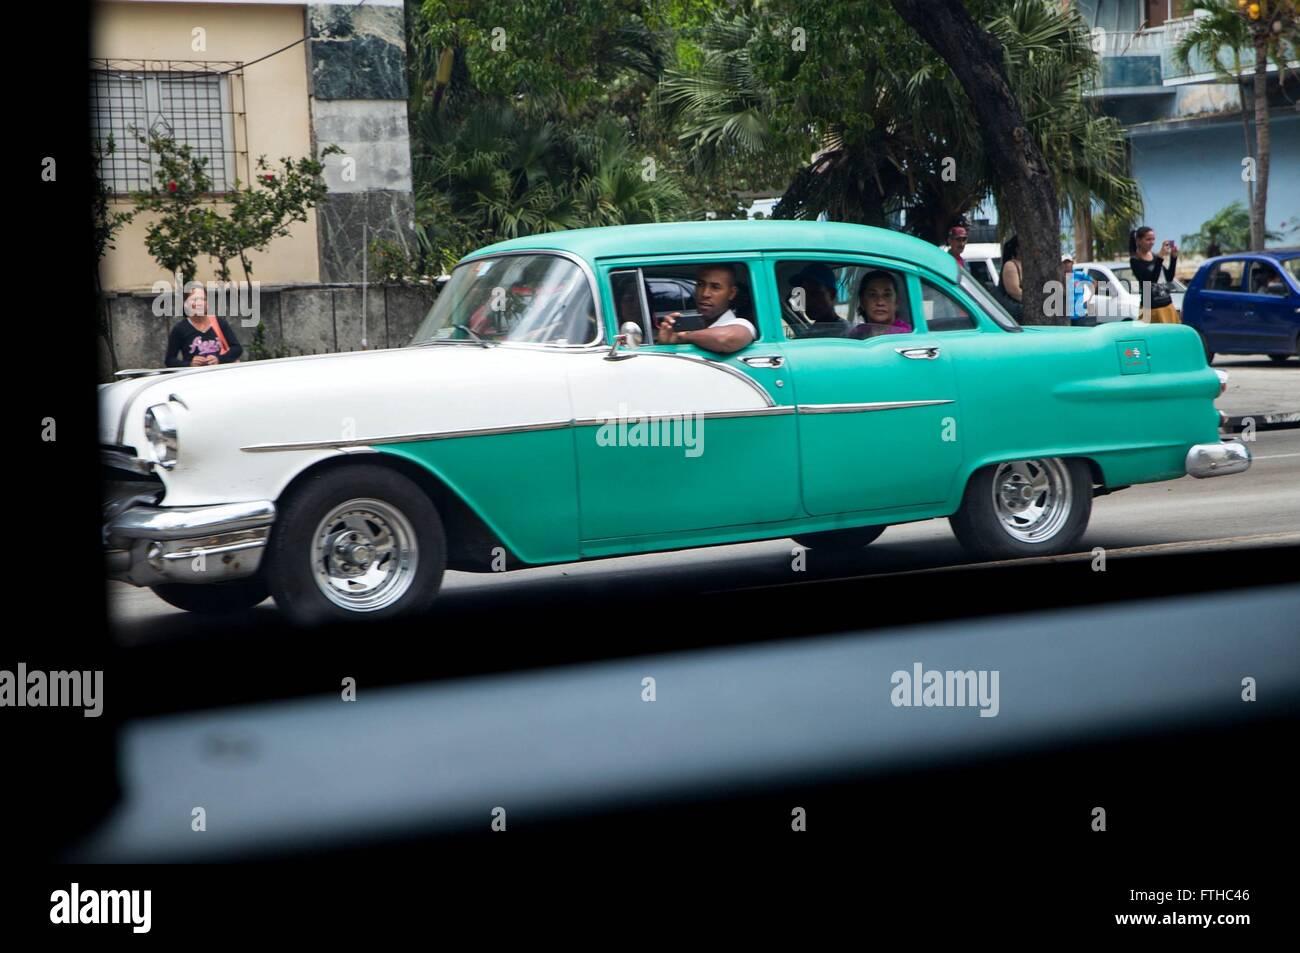 Un vintage American automóvil manejado por una familia cubana relojes como la caravana del presidente estadounidense Imagen De Stock